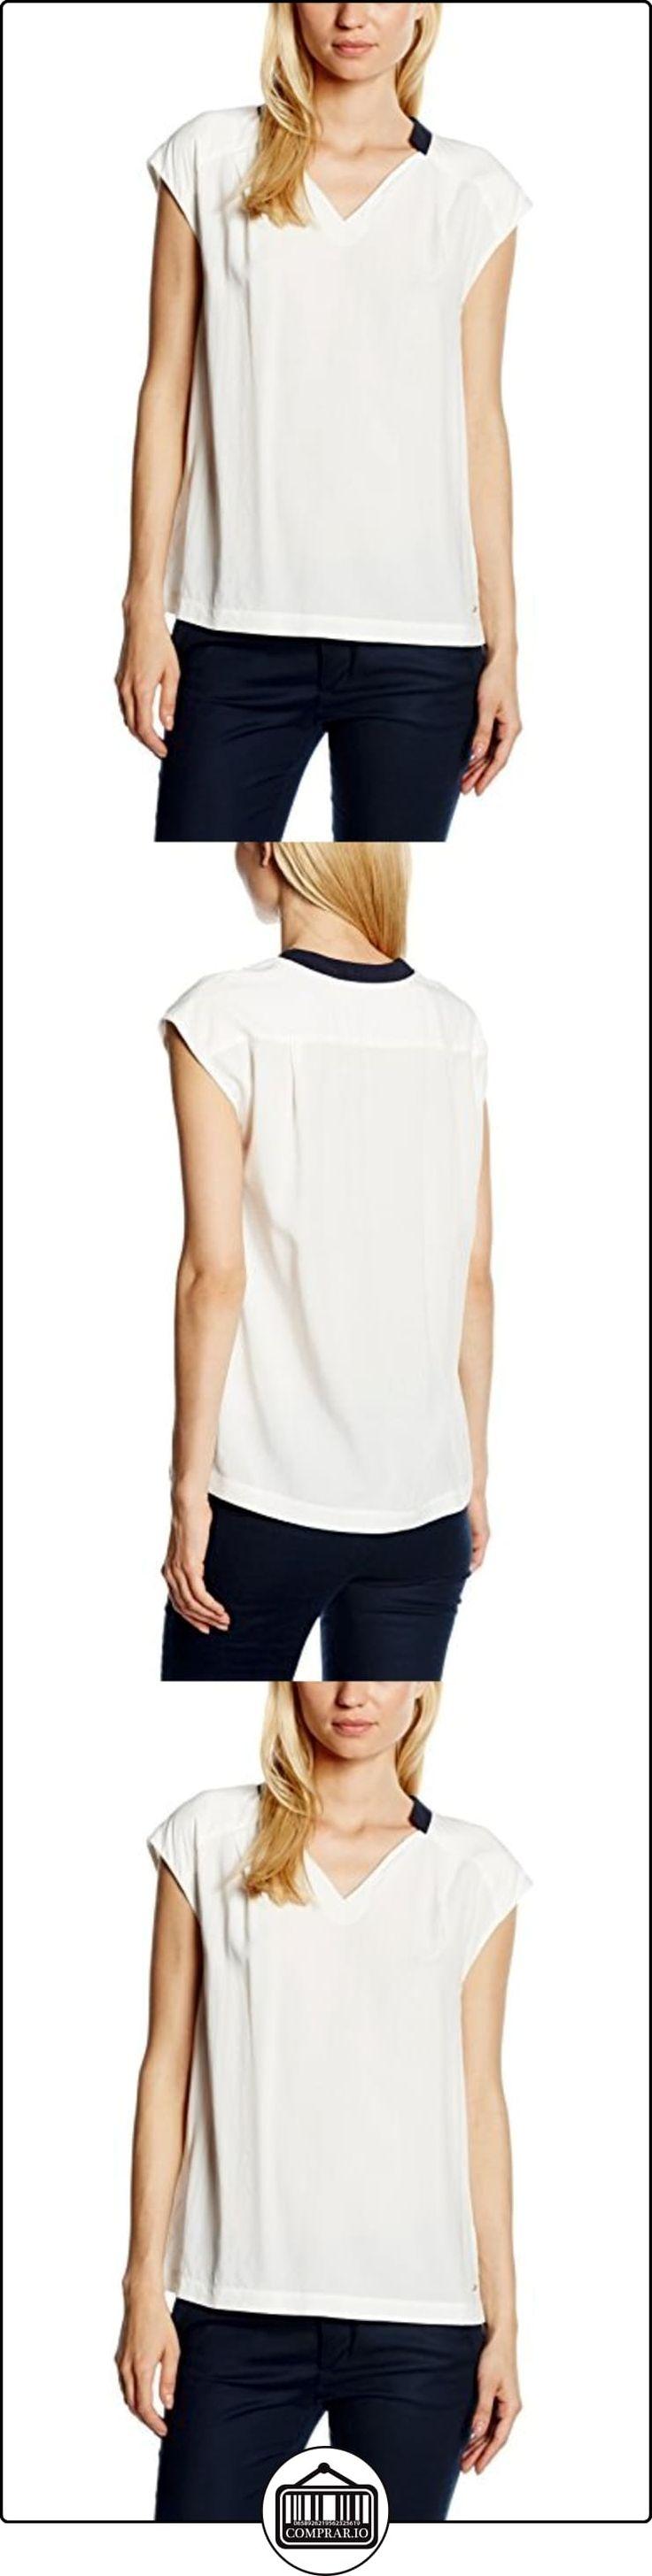 Tommy Hilfiger Keila Viscose Top Ns, Blusa para Mujer, Blanco, 38  ✿ Blusas y camisas ✿